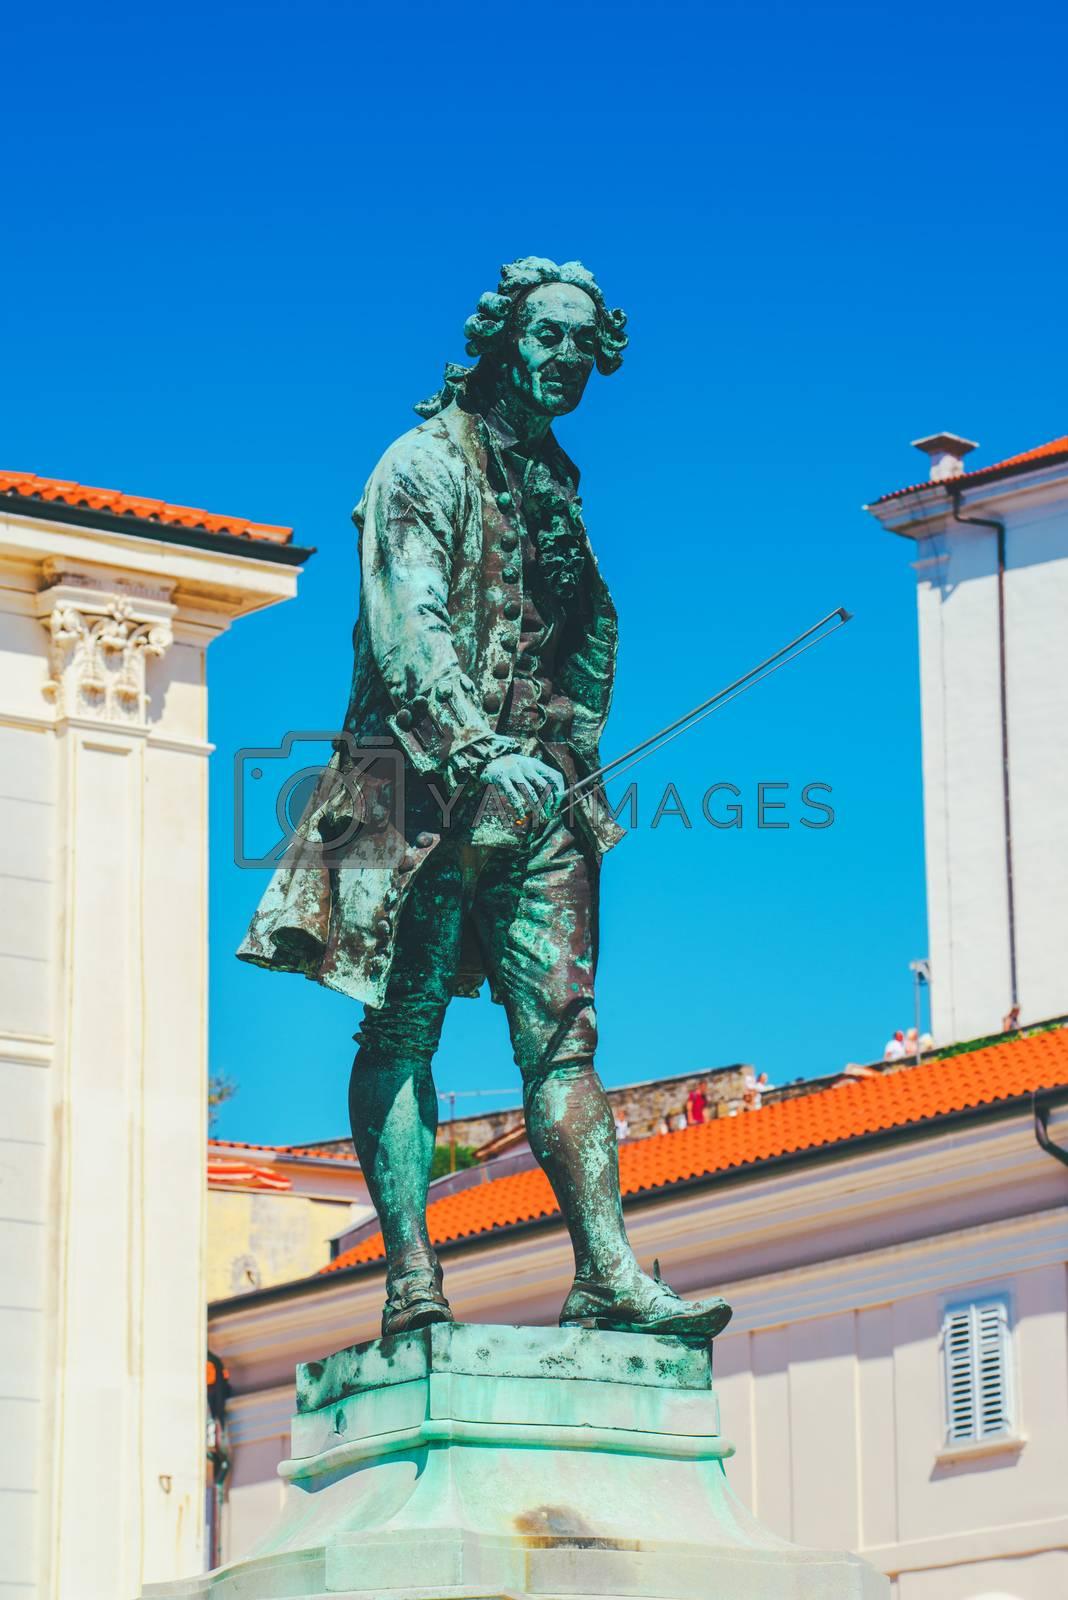 PIRAN, SLOVENIA - AUGUST 27, 2016: Statue of violinist and composer Giuseppe Tartini on the Tartini Square in Piran, Slovenia